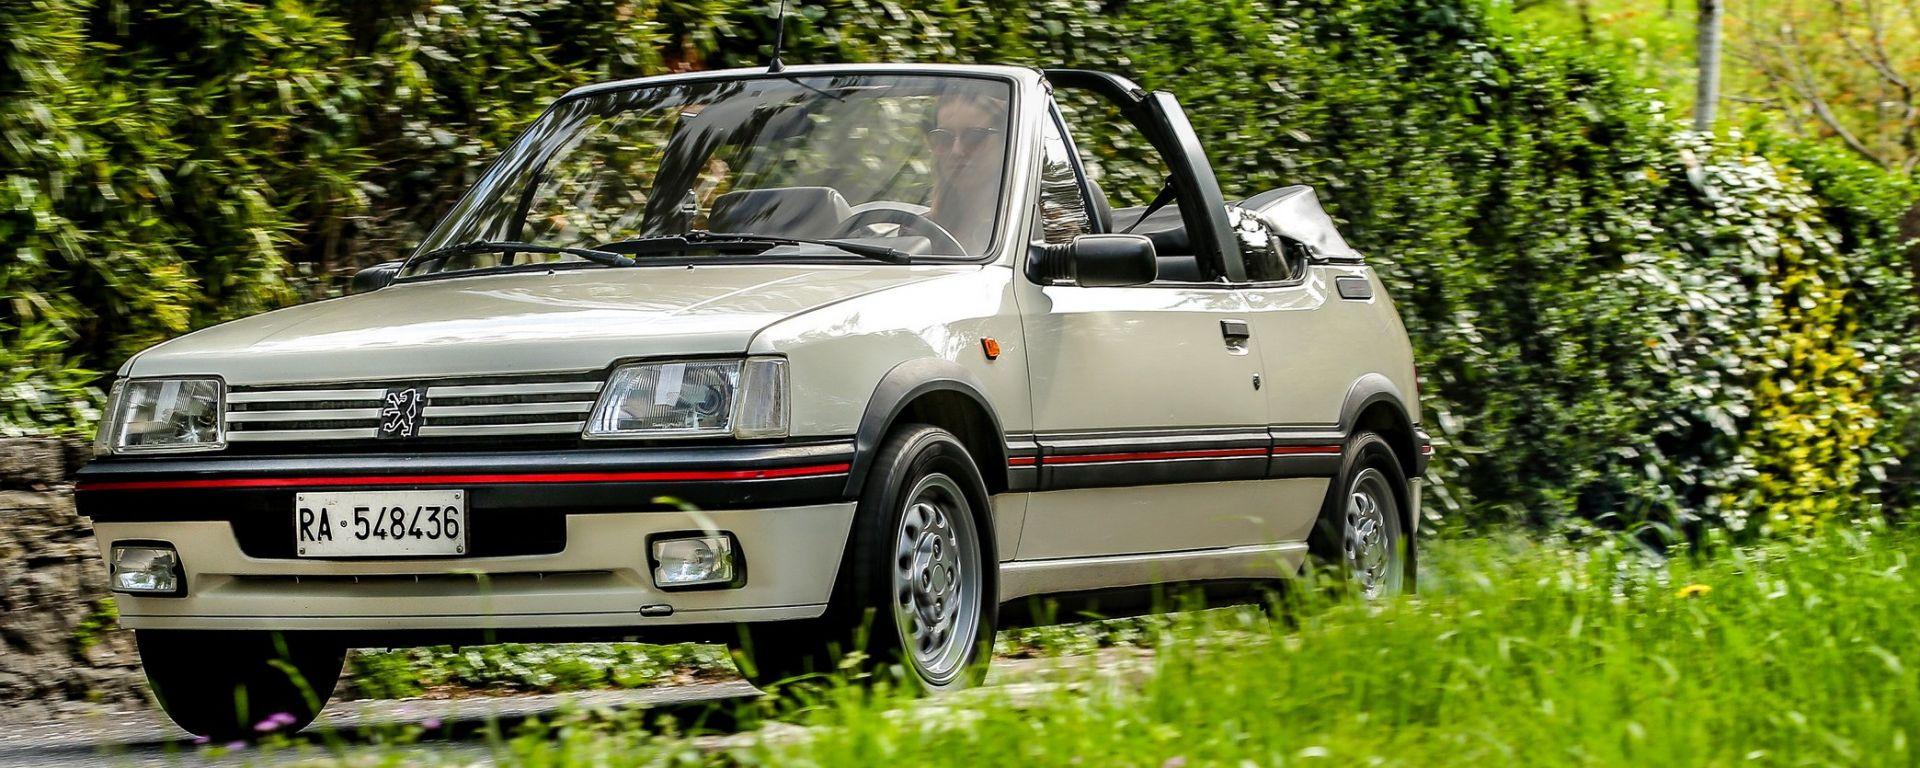 Peugeot 205 cabrio: arrivò sul mercato nel 1986 due anni dopo la versione a tetto fisso